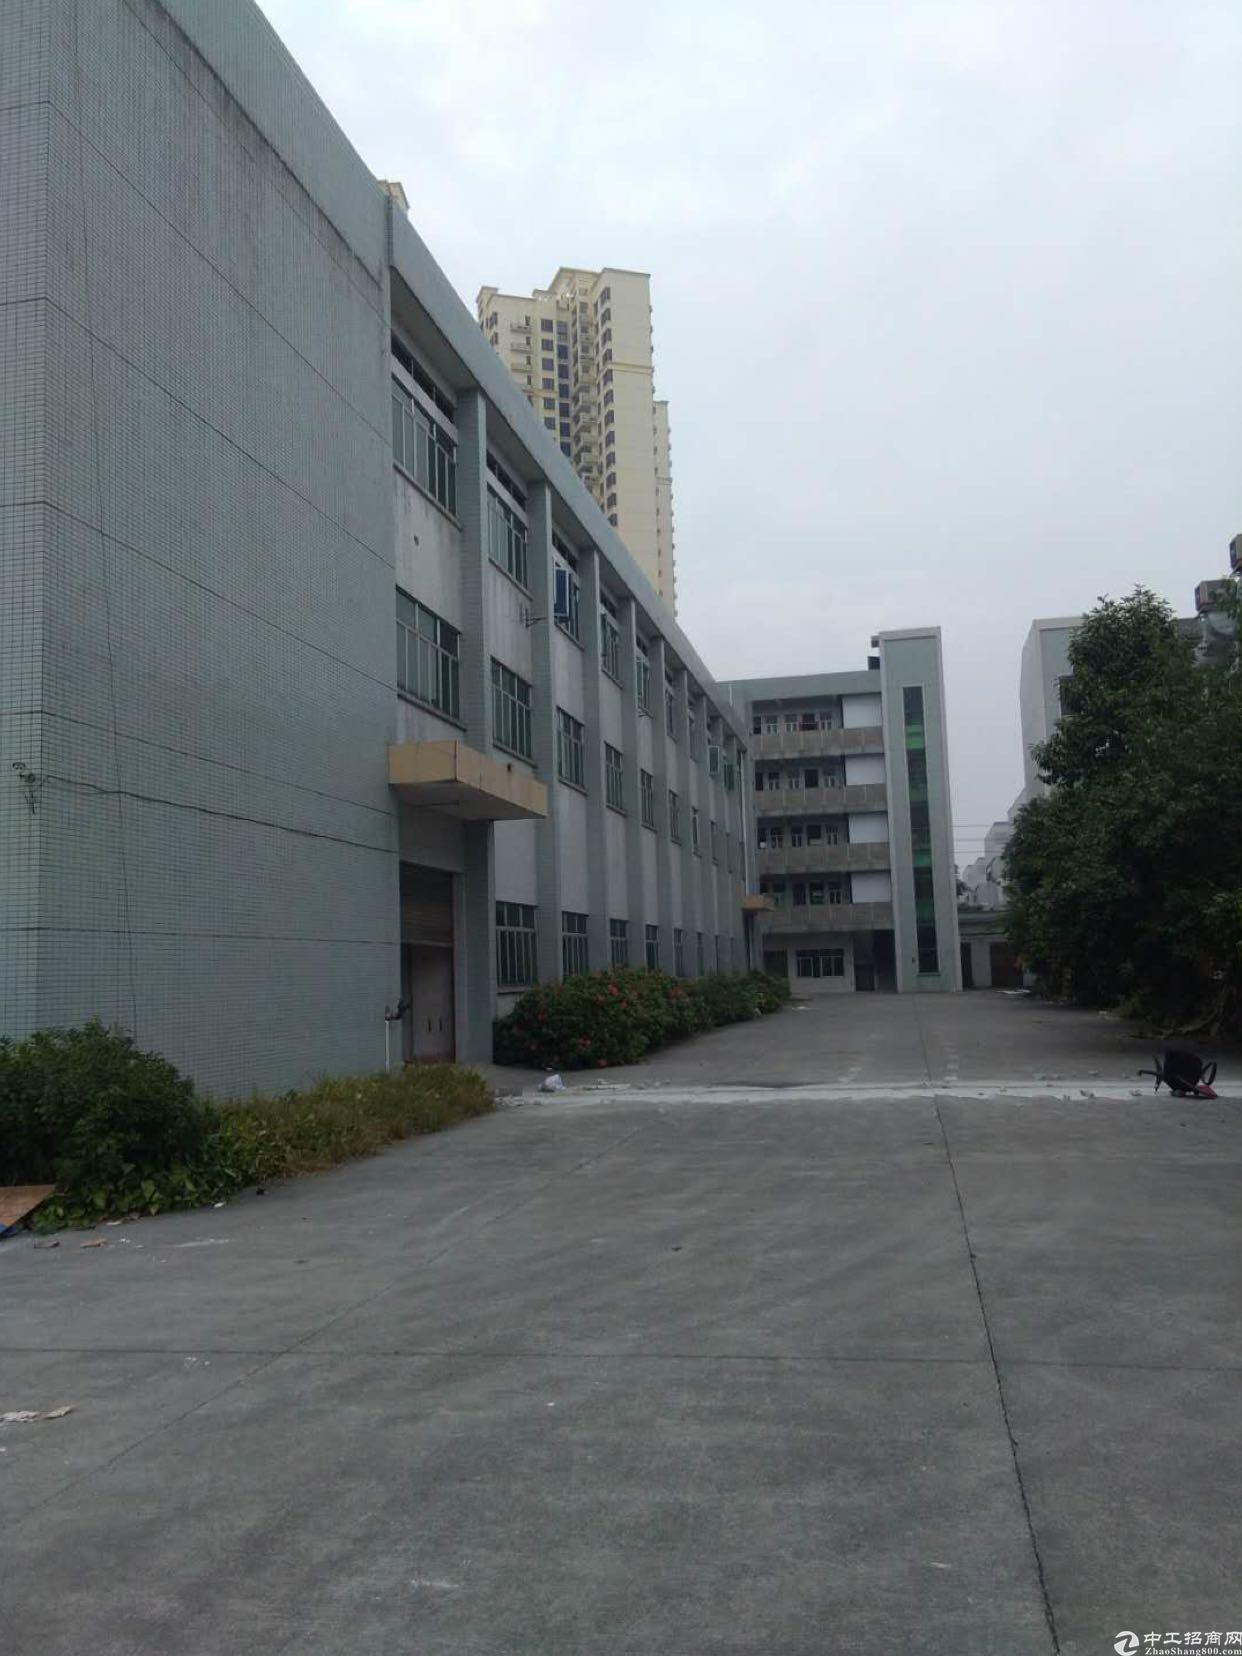 横沥镇新出独院三层标准厂房4500平米出租